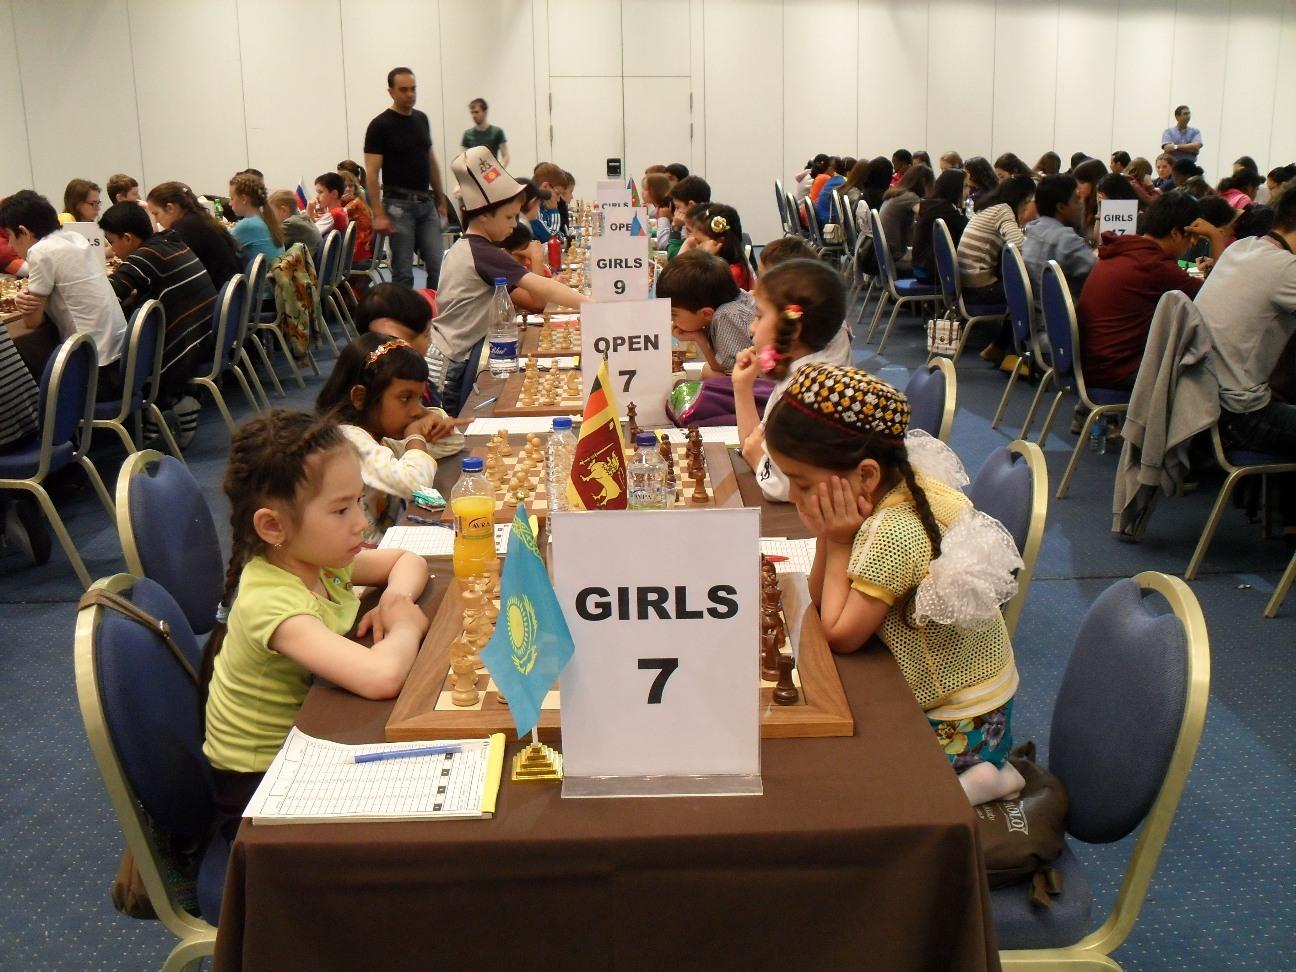 https://i0.wp.com/gamesfestival.chessdom.com/wp-content/uploads/2013/05/SAM_1760.jpg